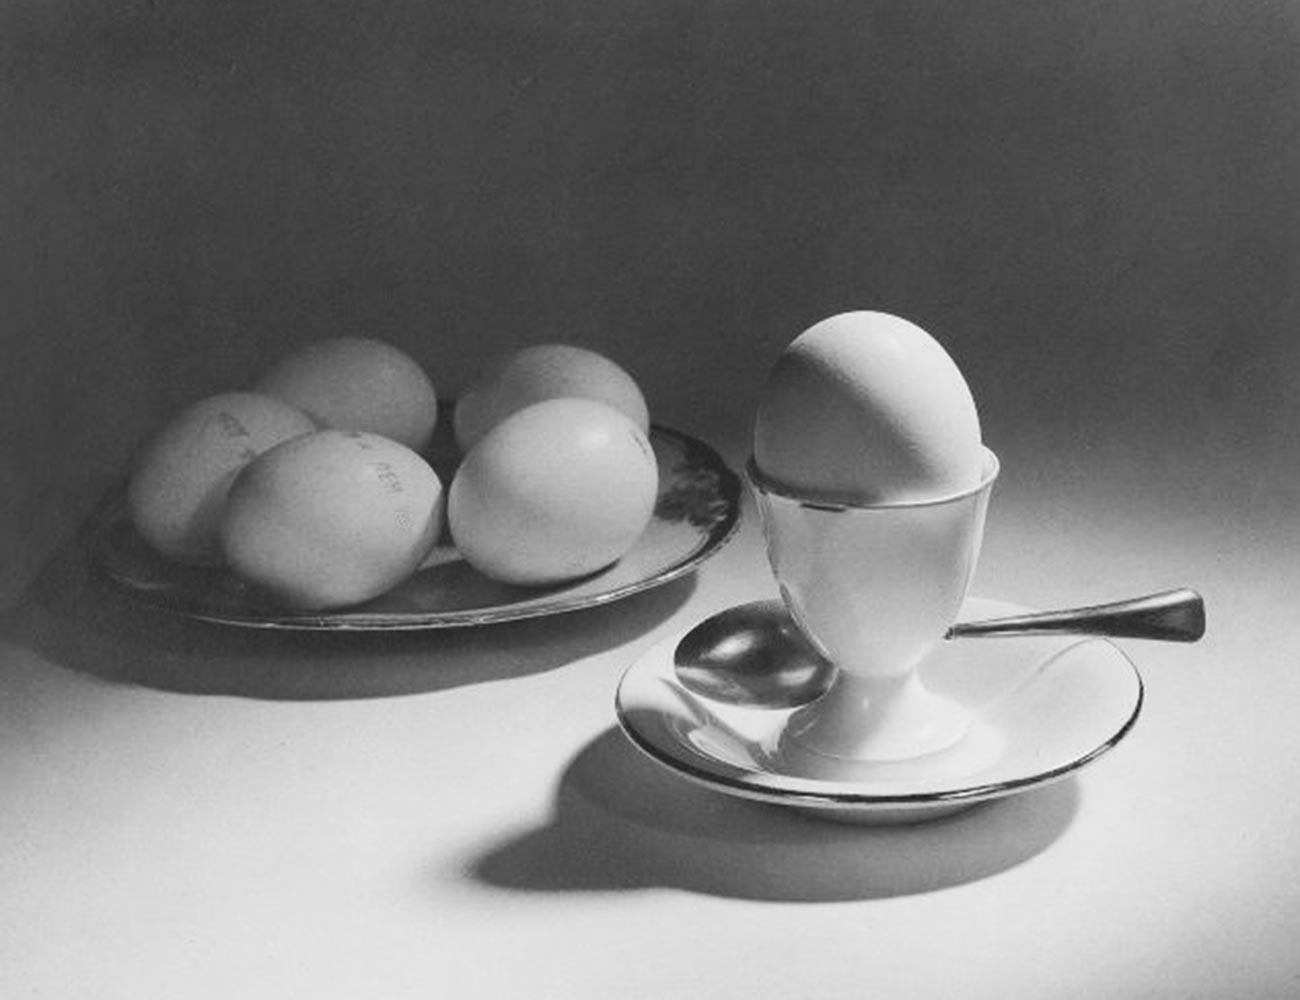 Des œufs, un bon choix pour une diète équilibrée (1939)